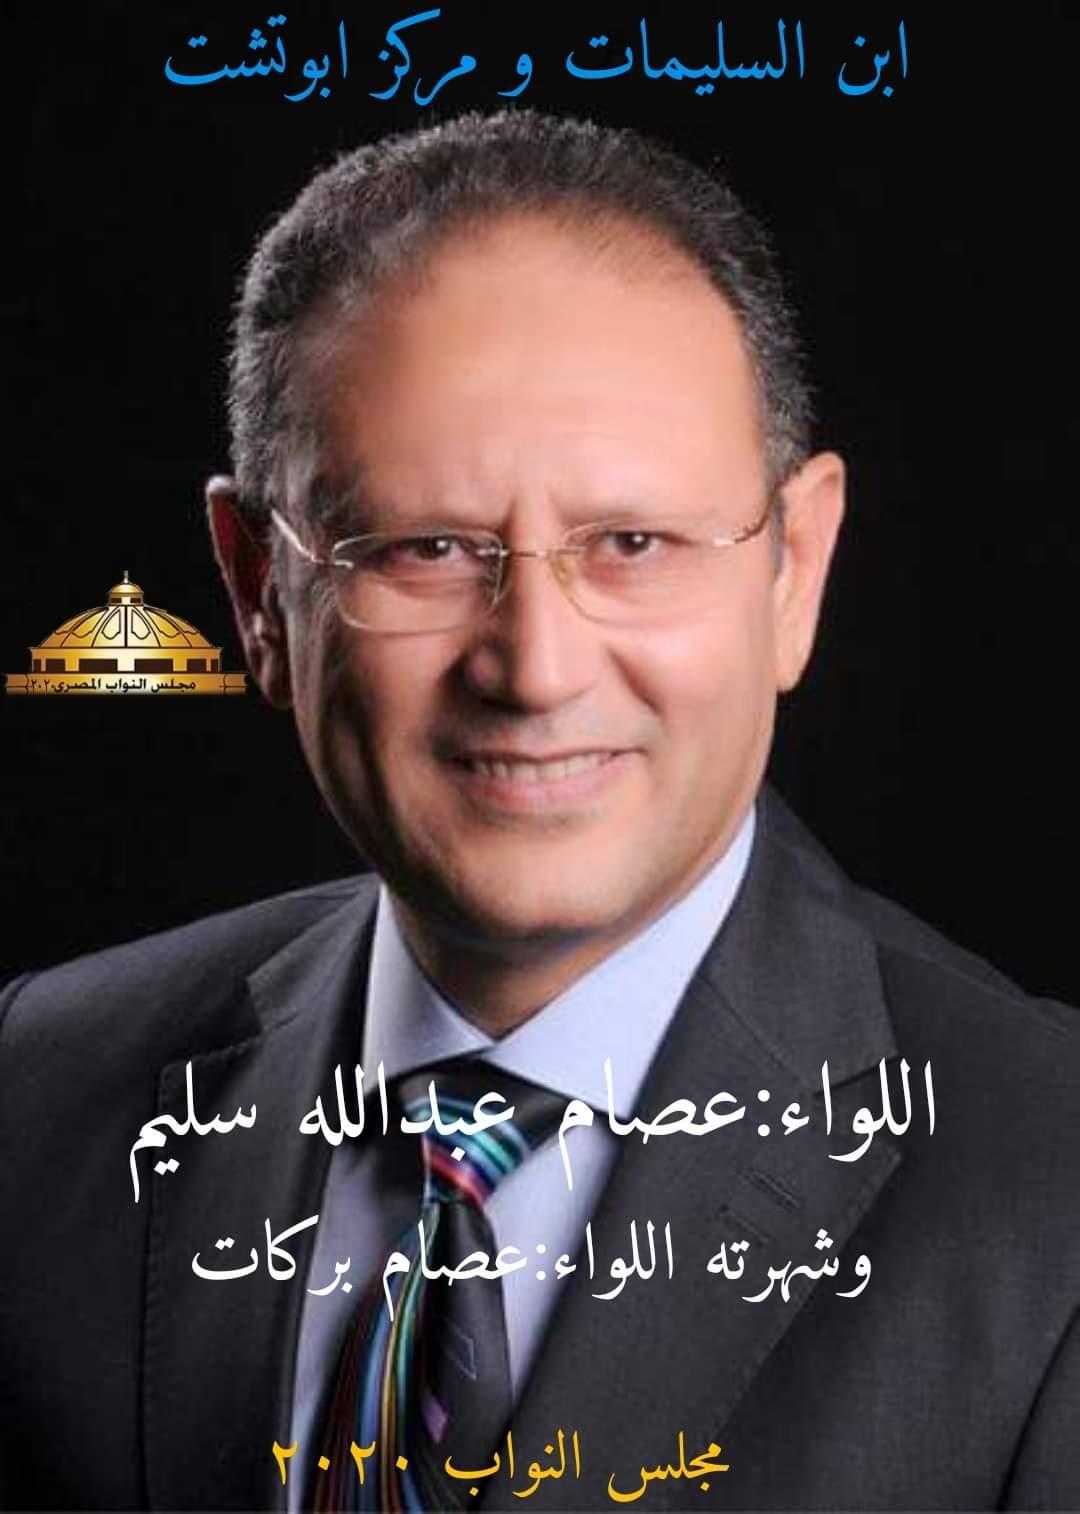 رسميا.. عصام بركات مرشحا عن دائرة ابوتشت وفرشوط ورمزه